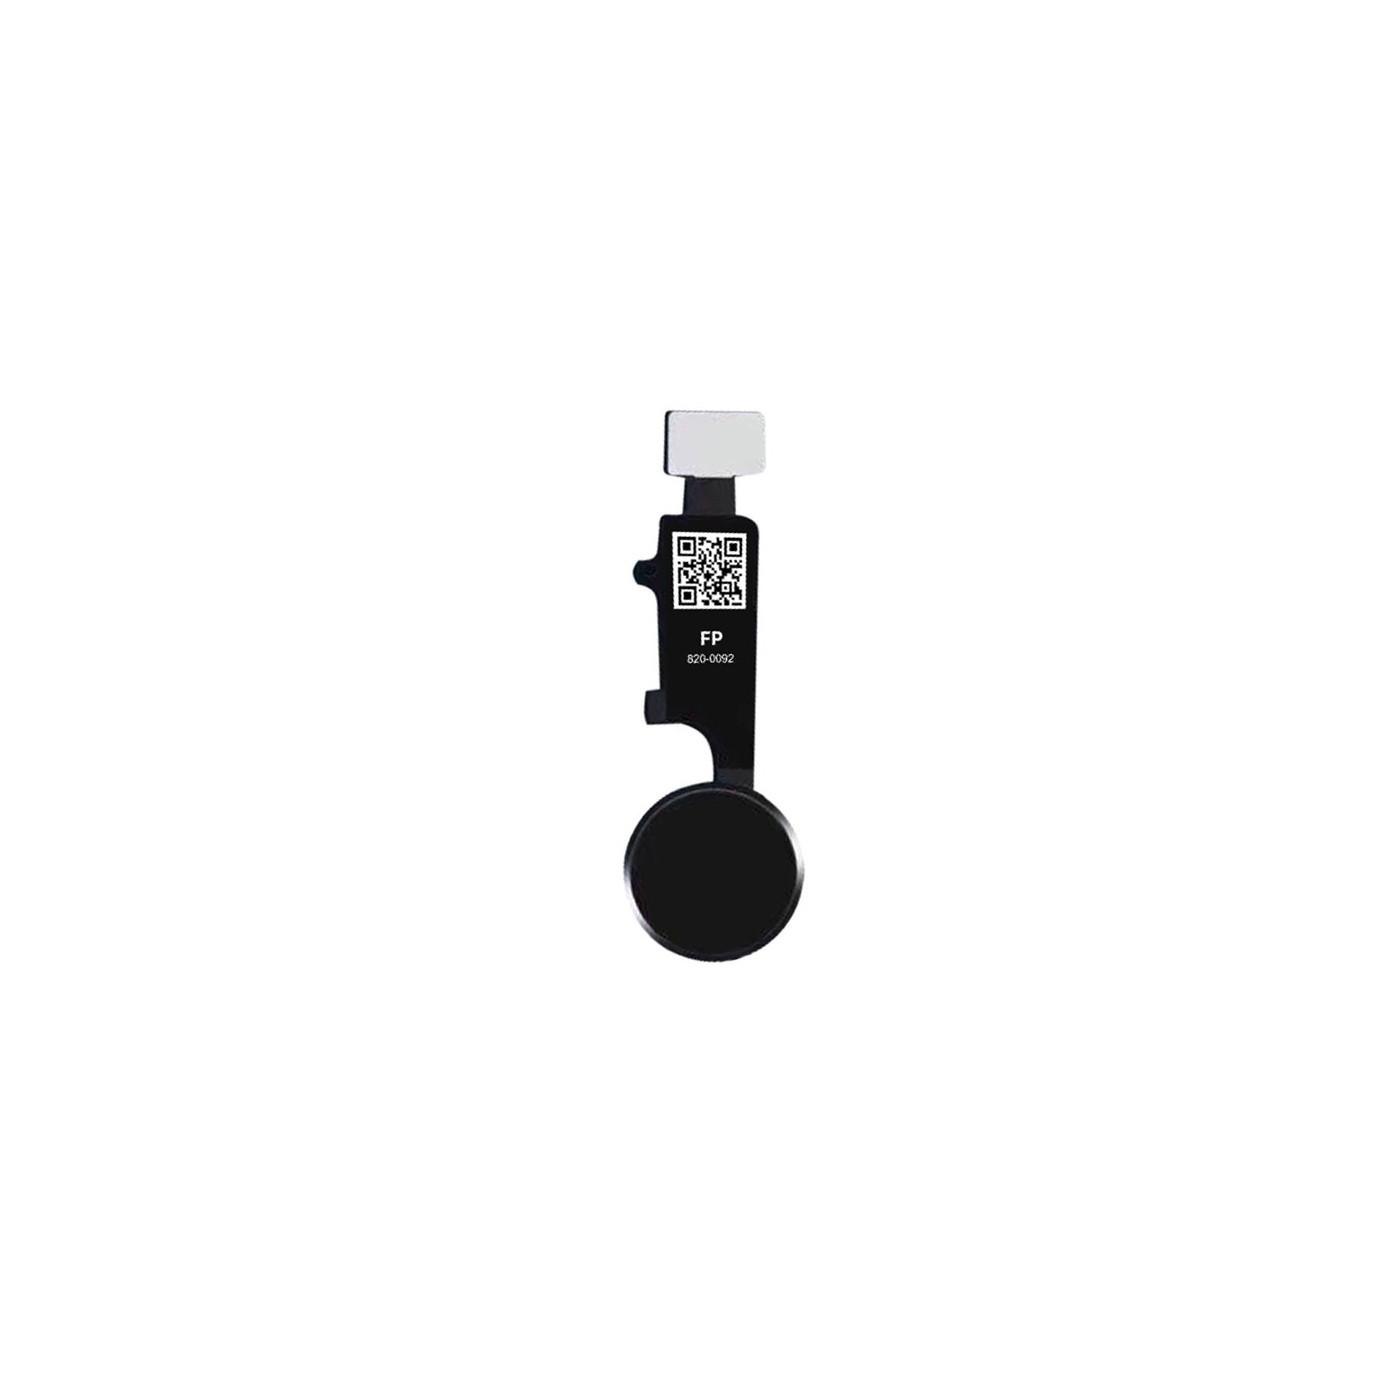 Schwarze Home-Taste mit Return-Funktion für das iPhone 7/7 Plus 8/8 Plus